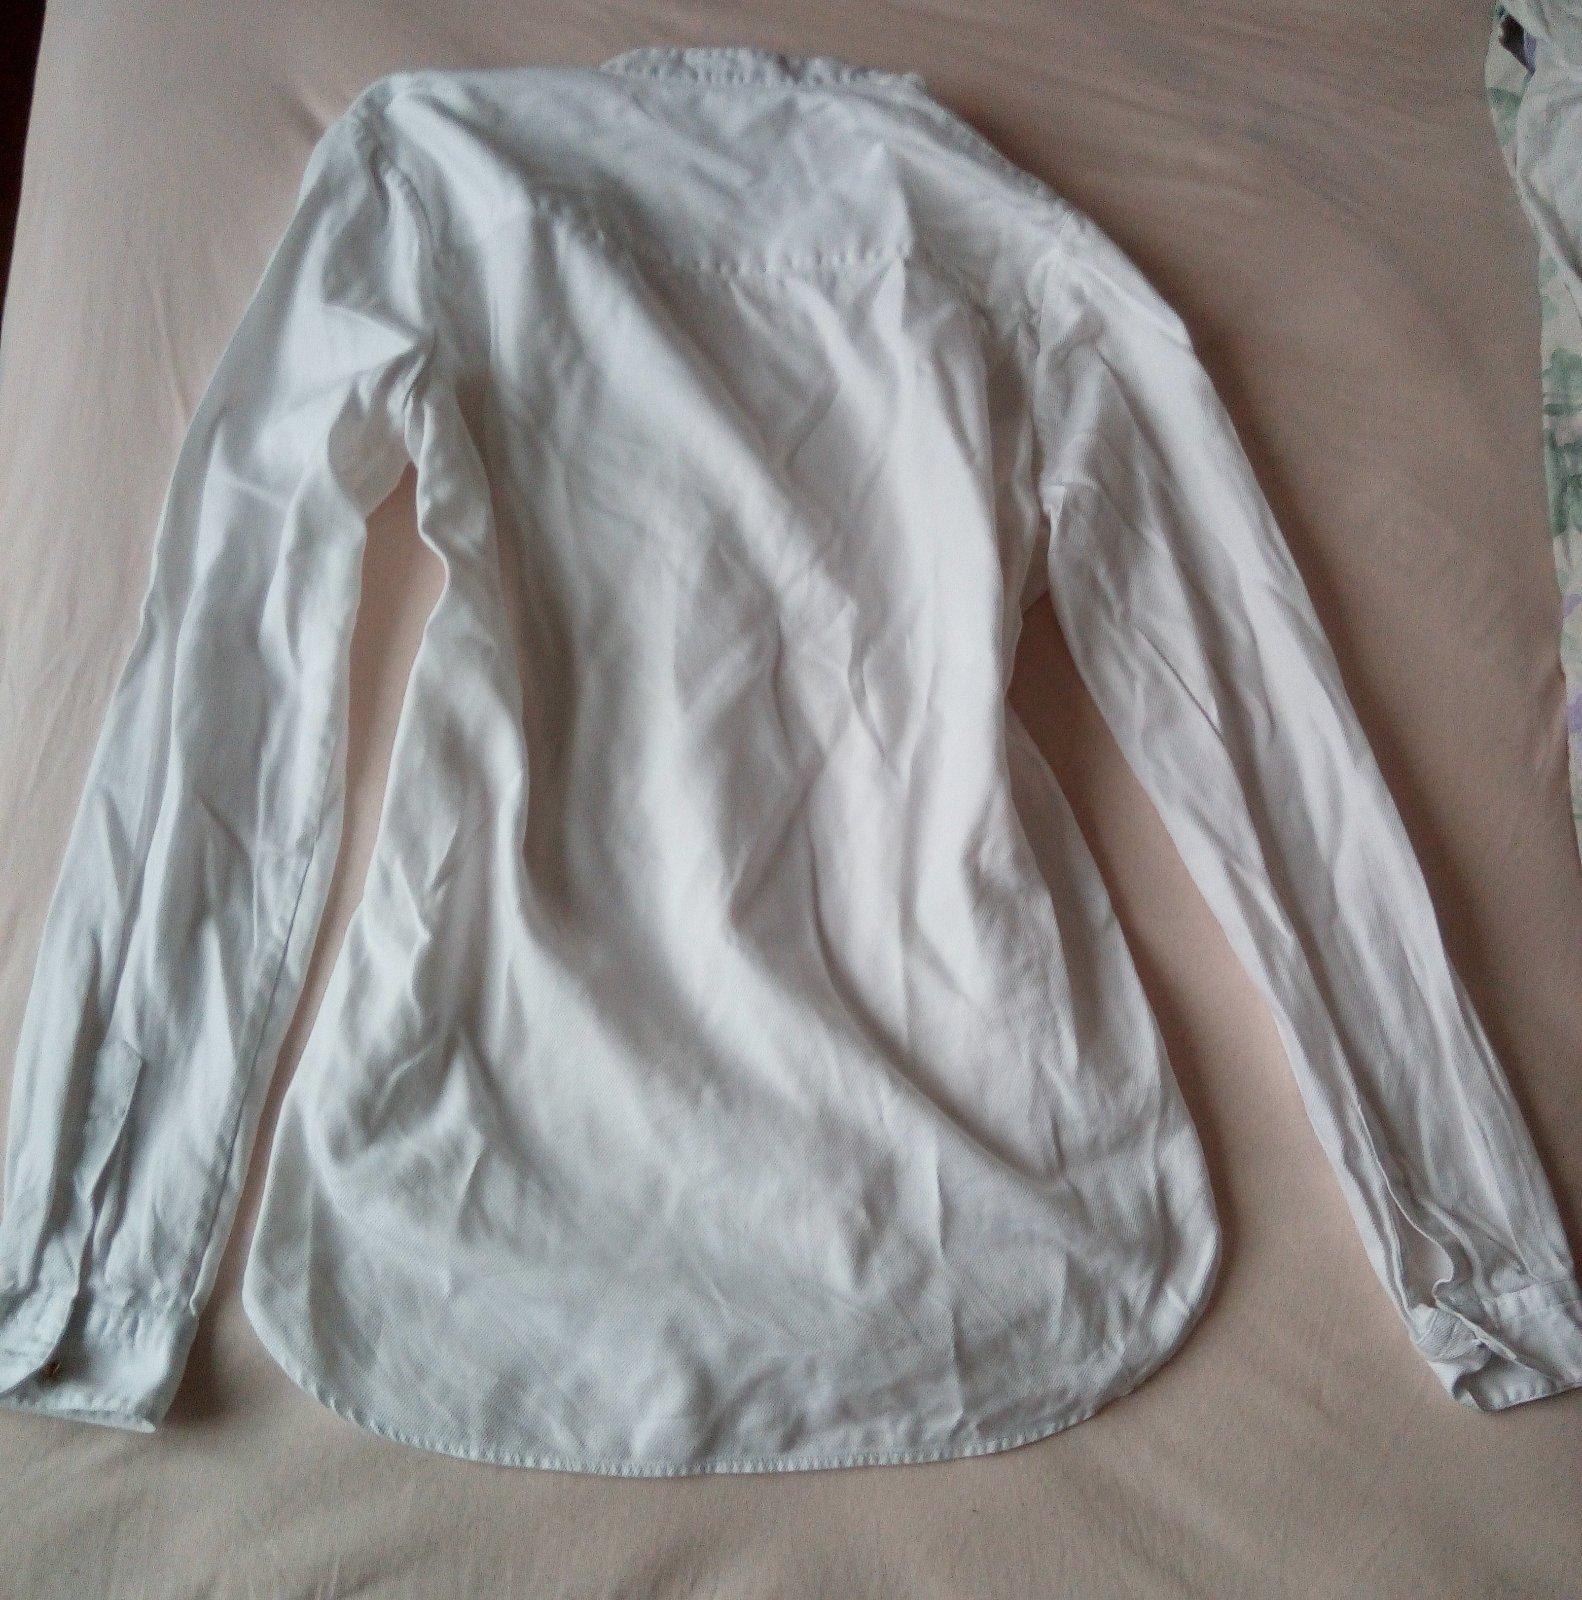 Biela blúzka S - Obrázok č. 4